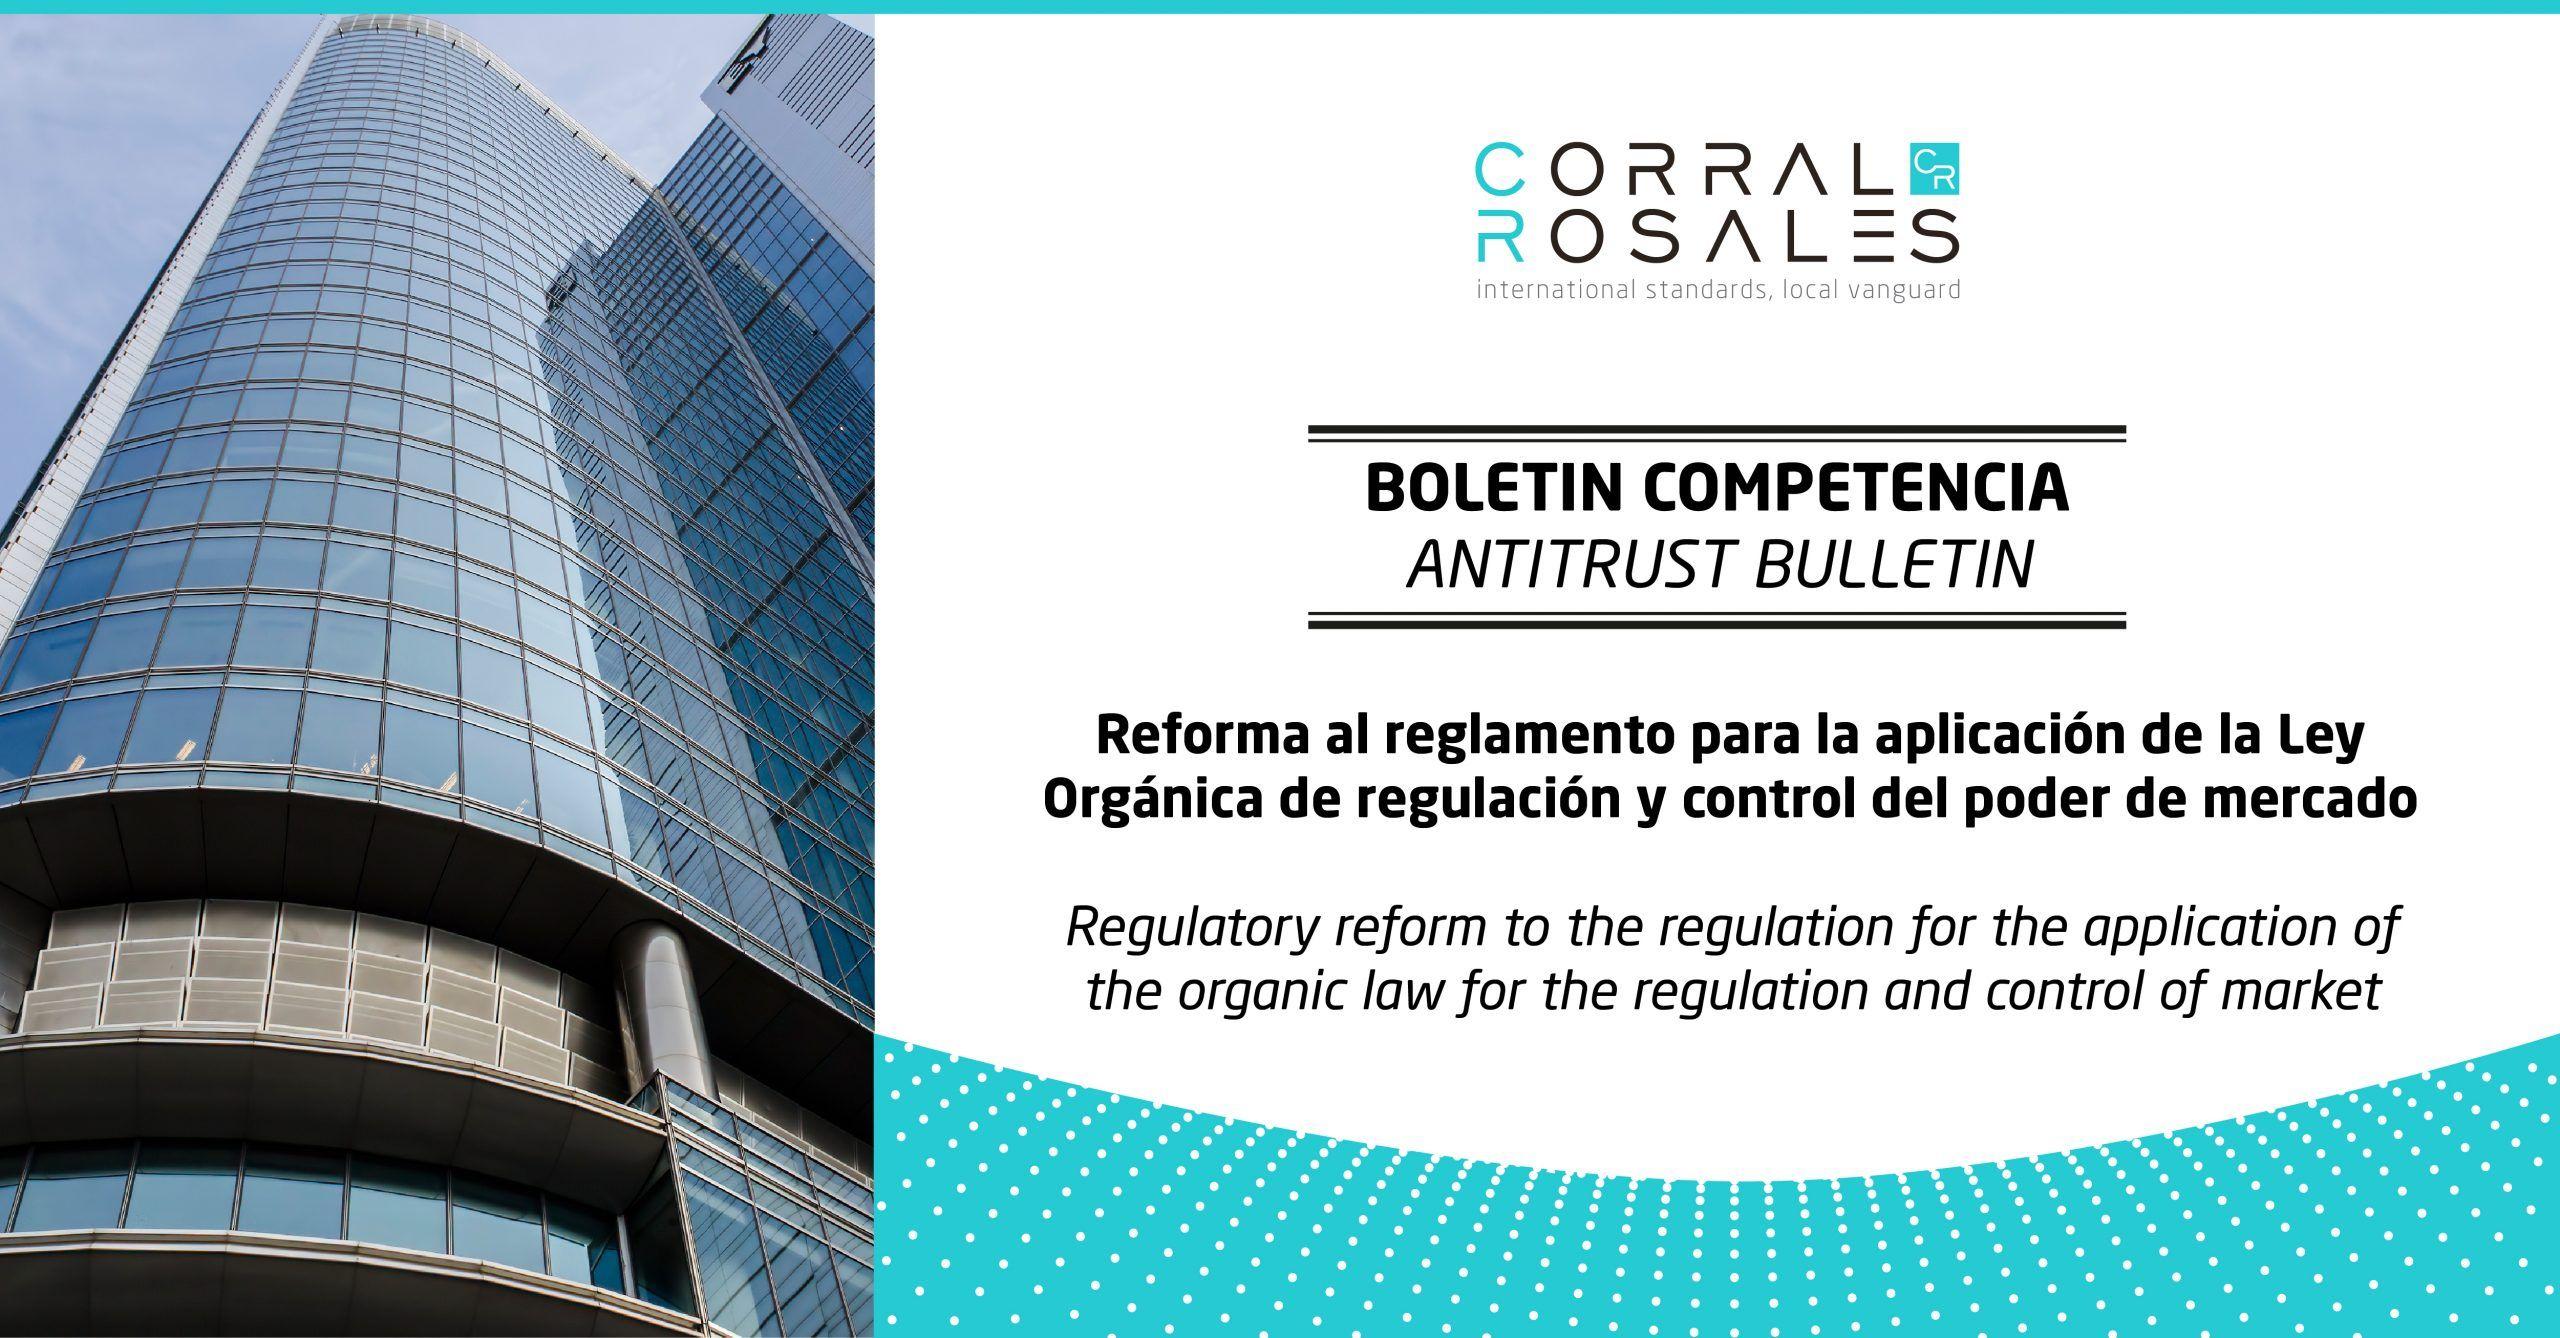 corral-rosales-abogados-ecuador-reforma-al-reglamento-para-la-aplicacion-de-la-ley-organica-de-regulacion-y-control-del-poder-de-mercado